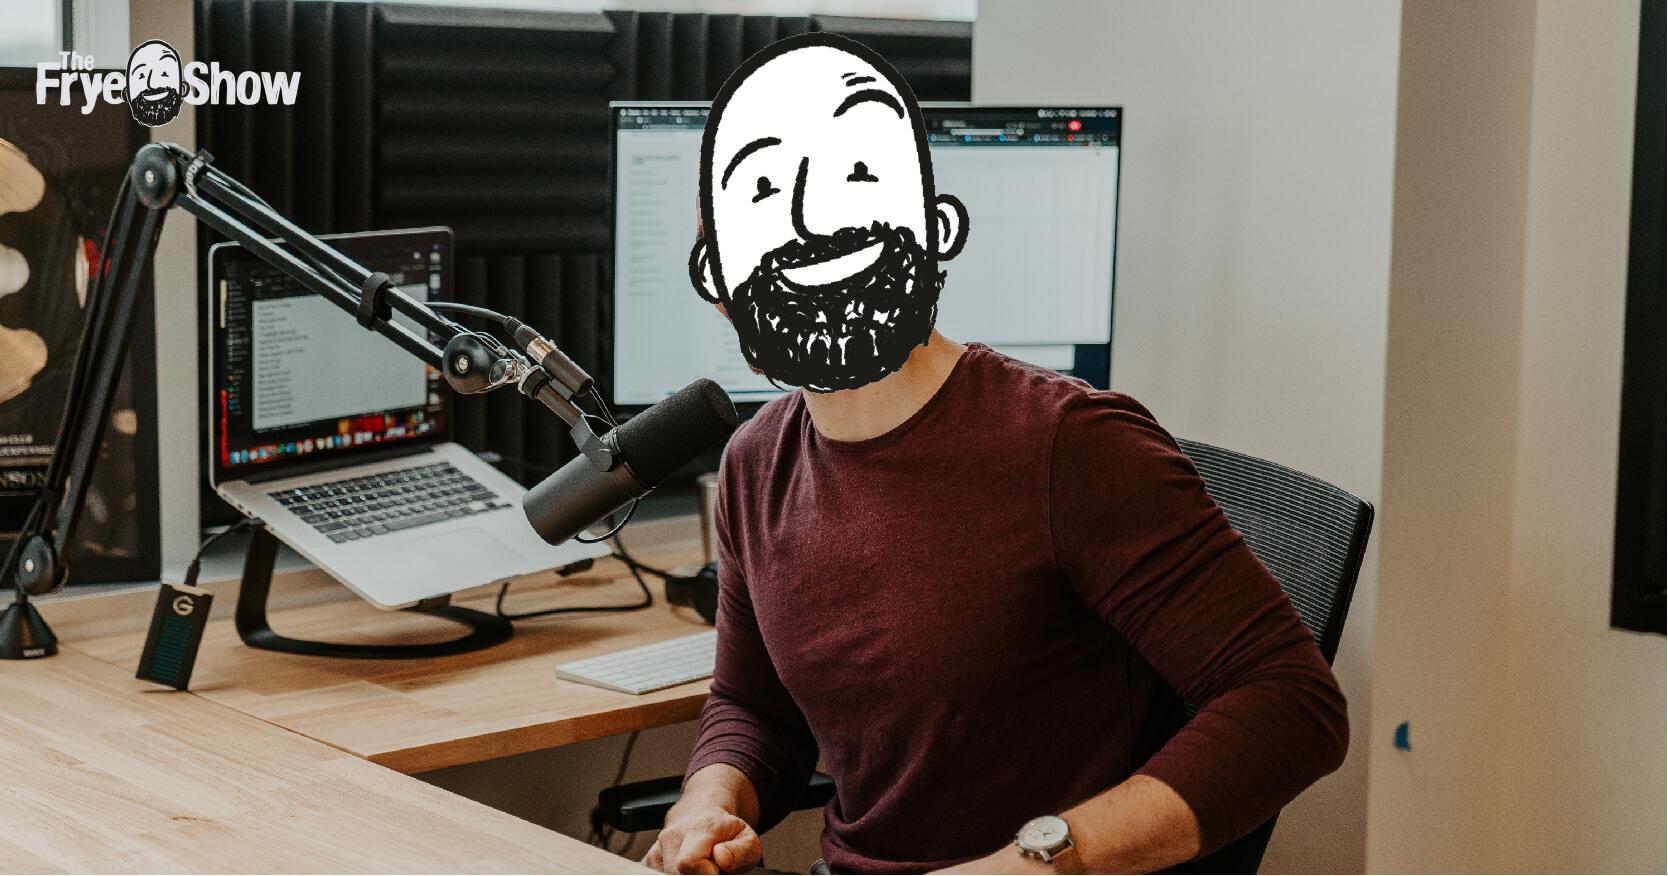 Preparación de podcast